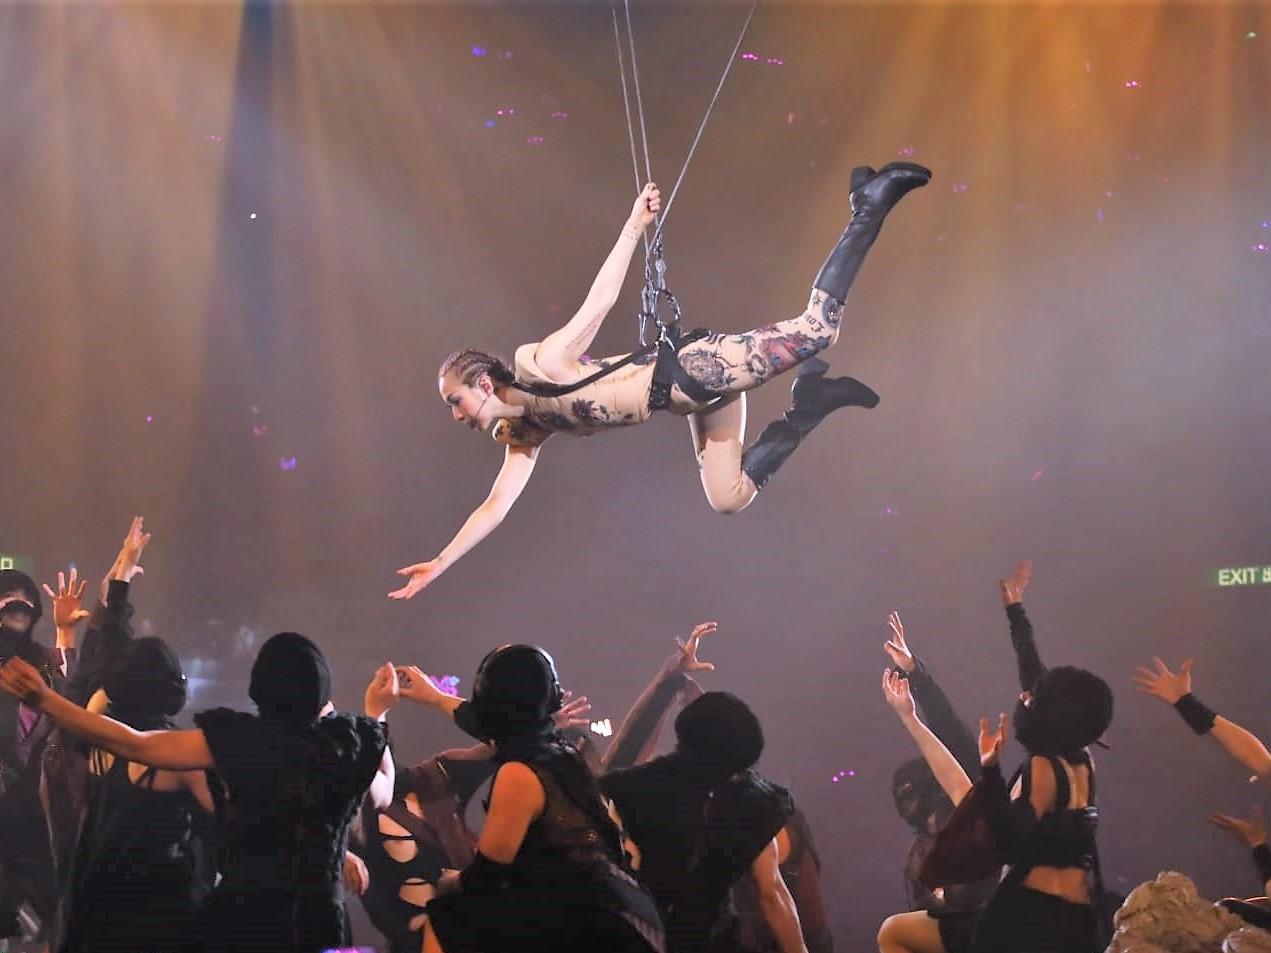 唱到《衝過去》時,吊到紅館半空之後翻了兩次筋斗。